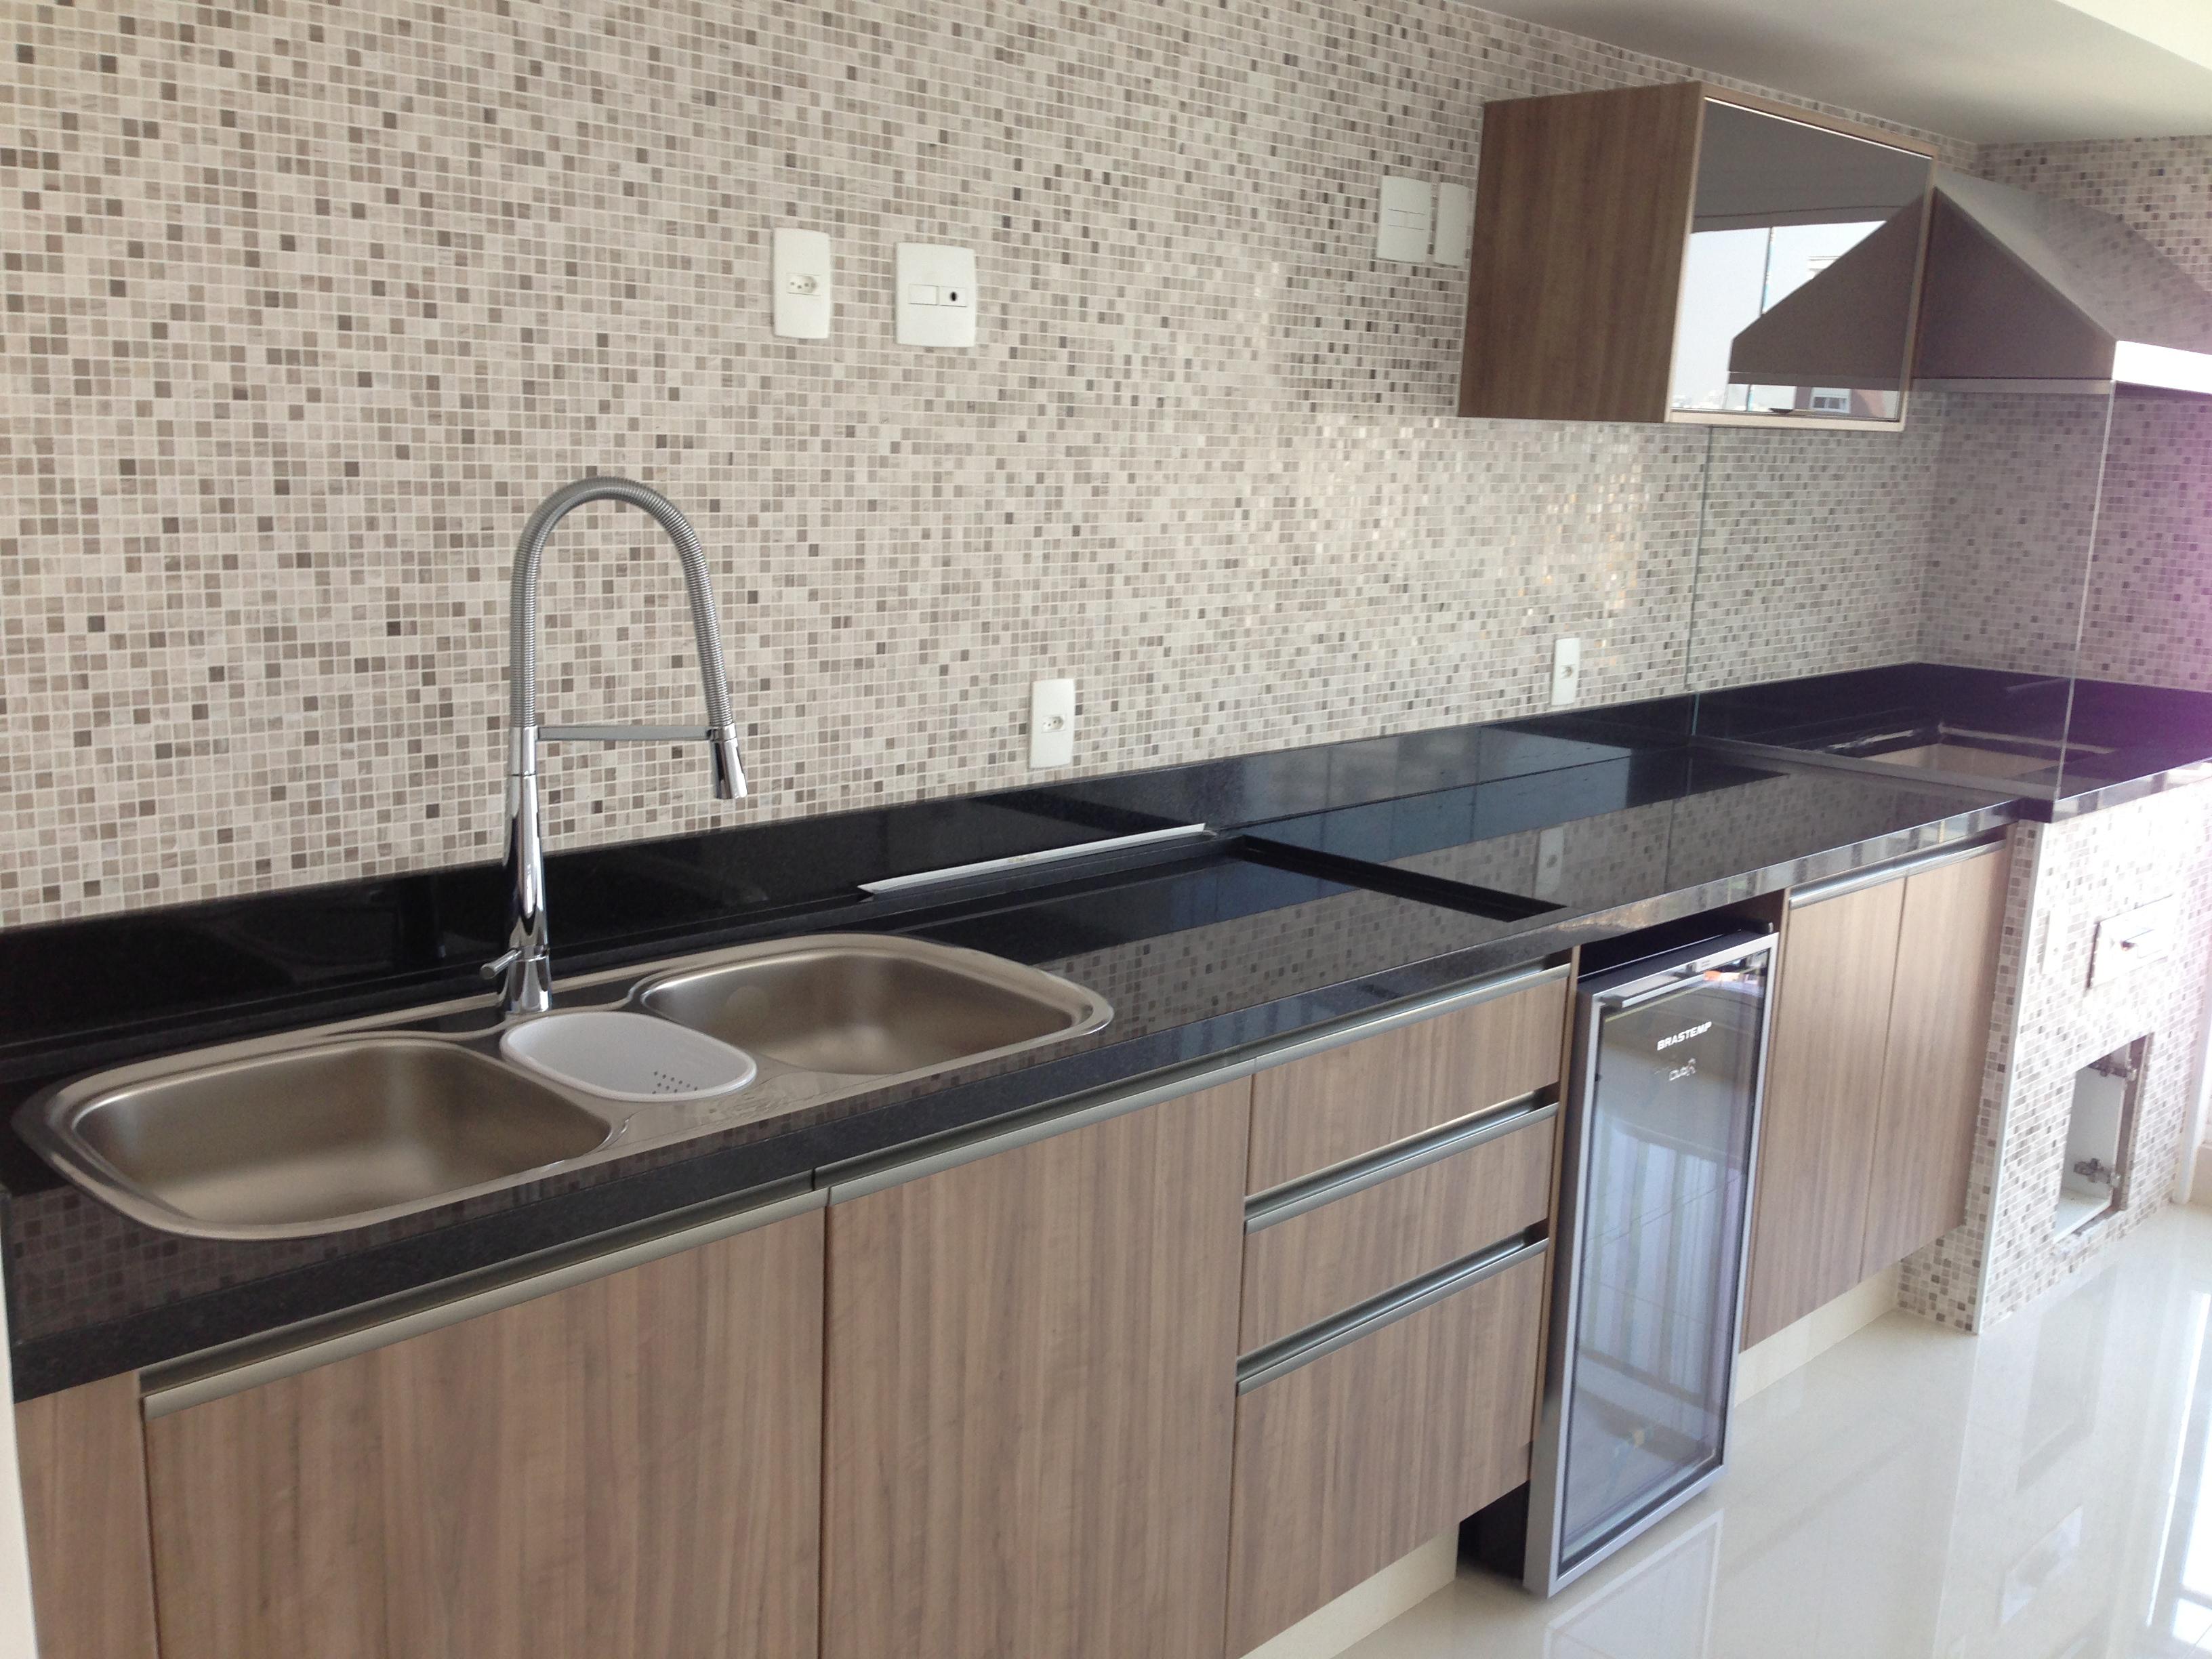 Granito e suas características em Marmoria em Guarulhos #725E4F 3264 2448